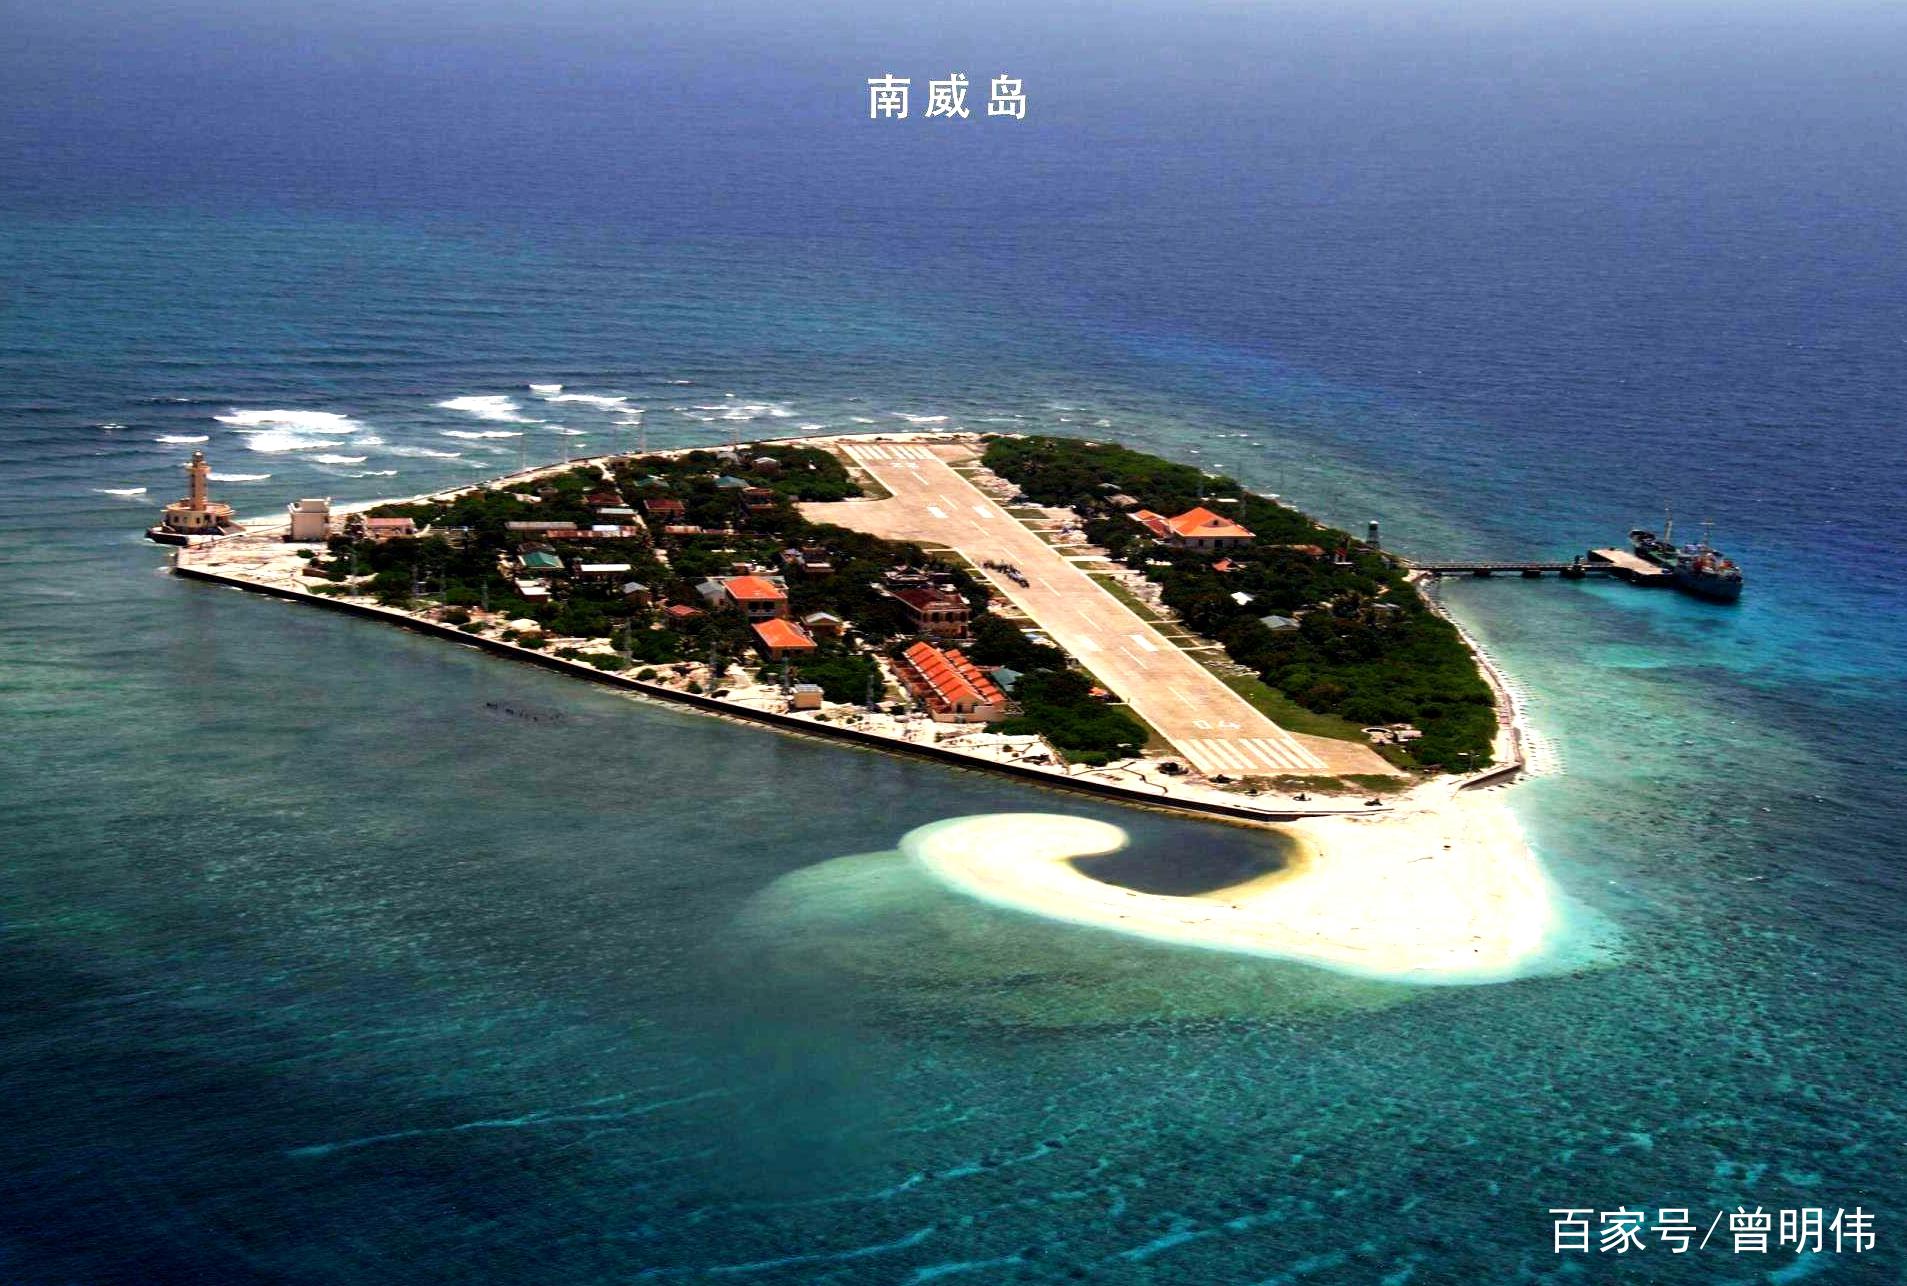 越南在我南沙群岛南威岛修建医院,南威岛为我国固有